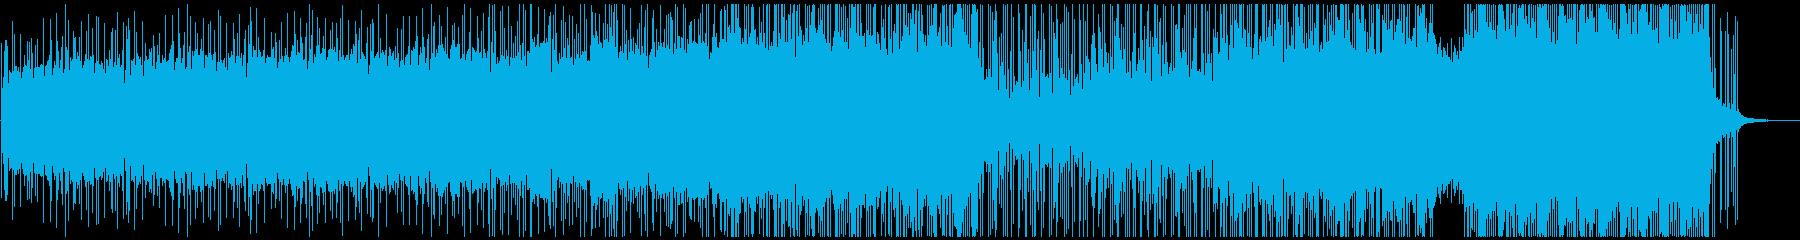 アンビエント 広い 壮大 ほのぼの...の再生済みの波形